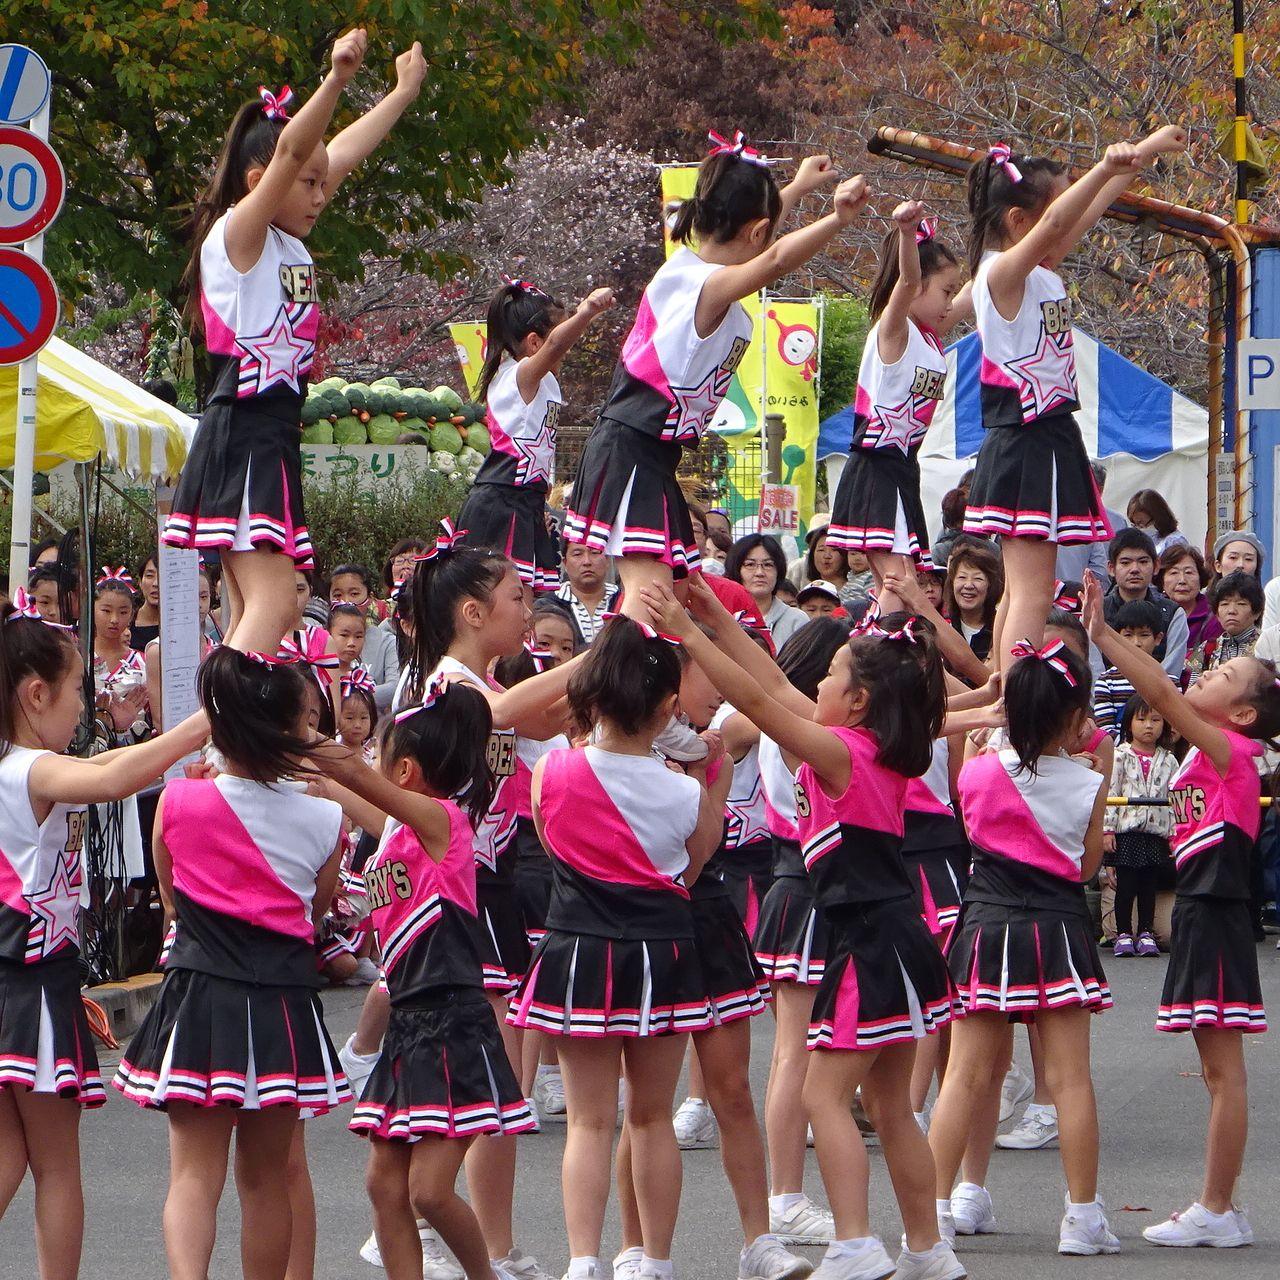 ストリートで行われるチアダンス